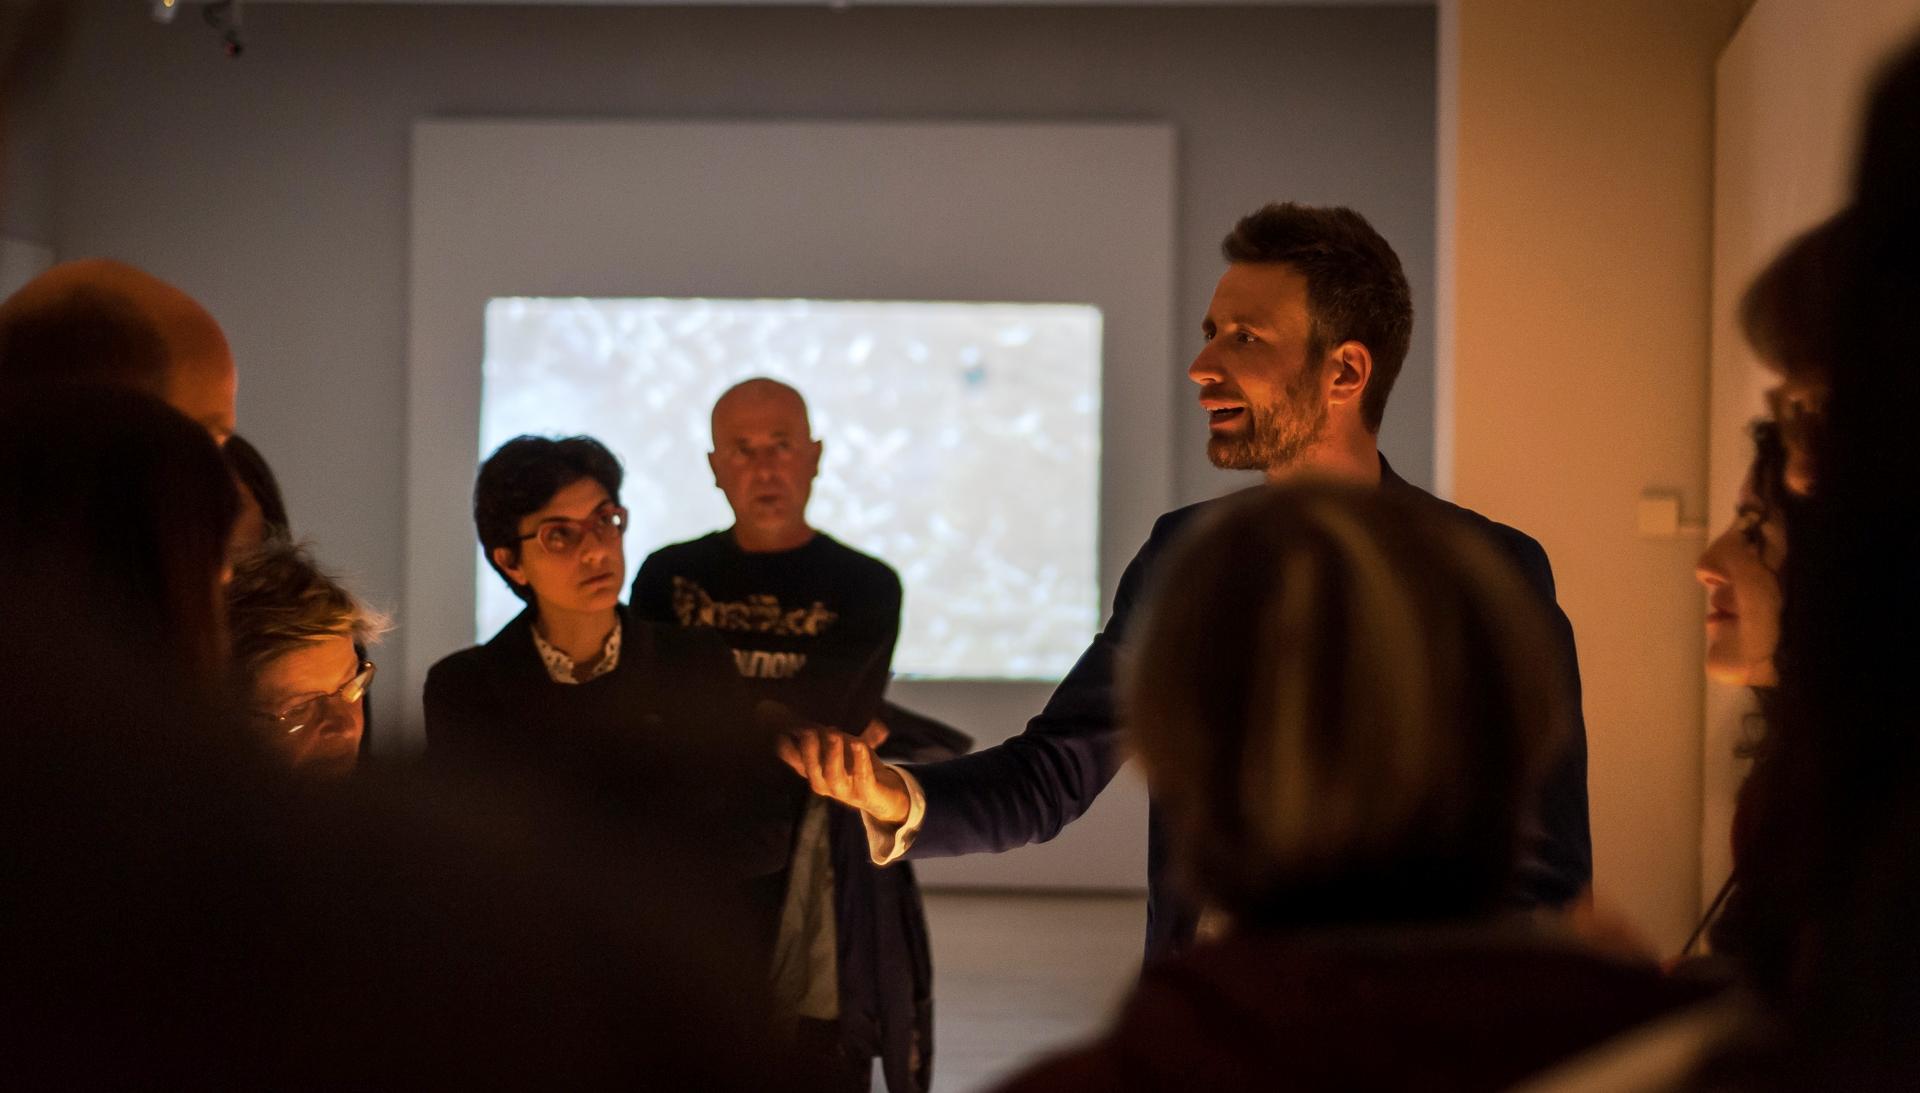 Prorogata la mostra del cortonese Roberto Ghezzi